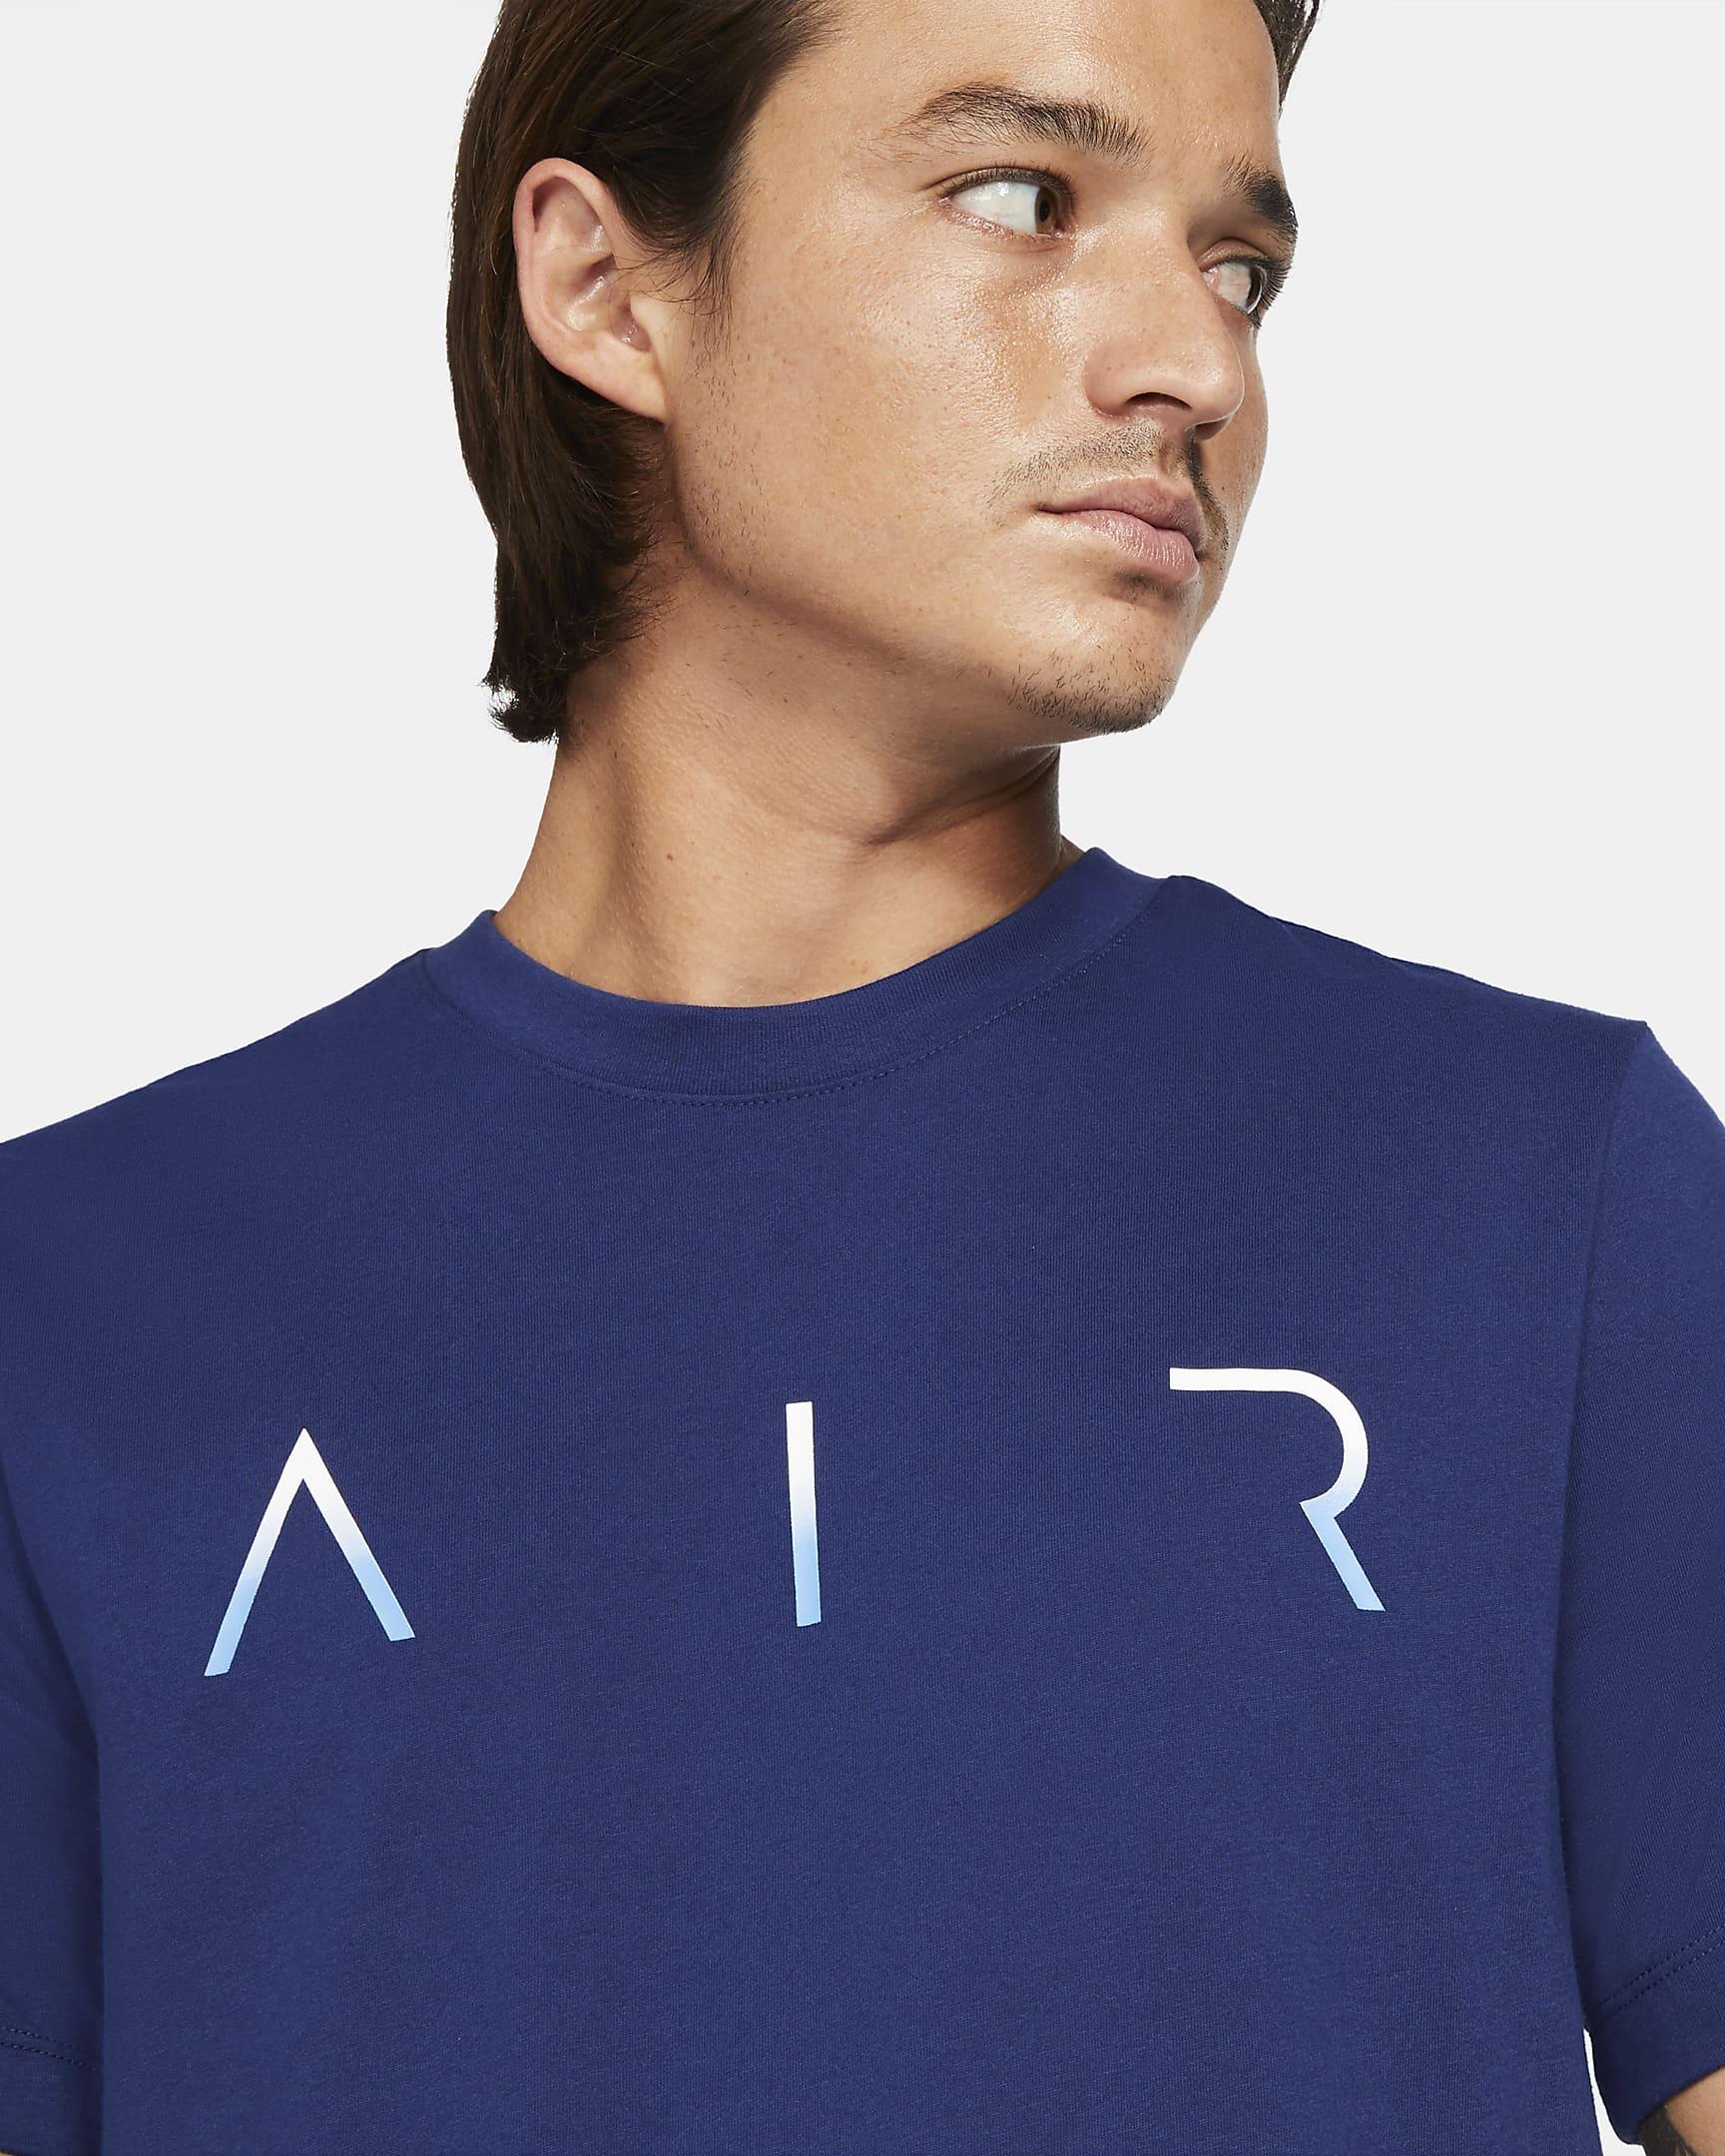 jordan-jumpman-air-mensn-short-sleeve-t-shirt-dG7grb-1